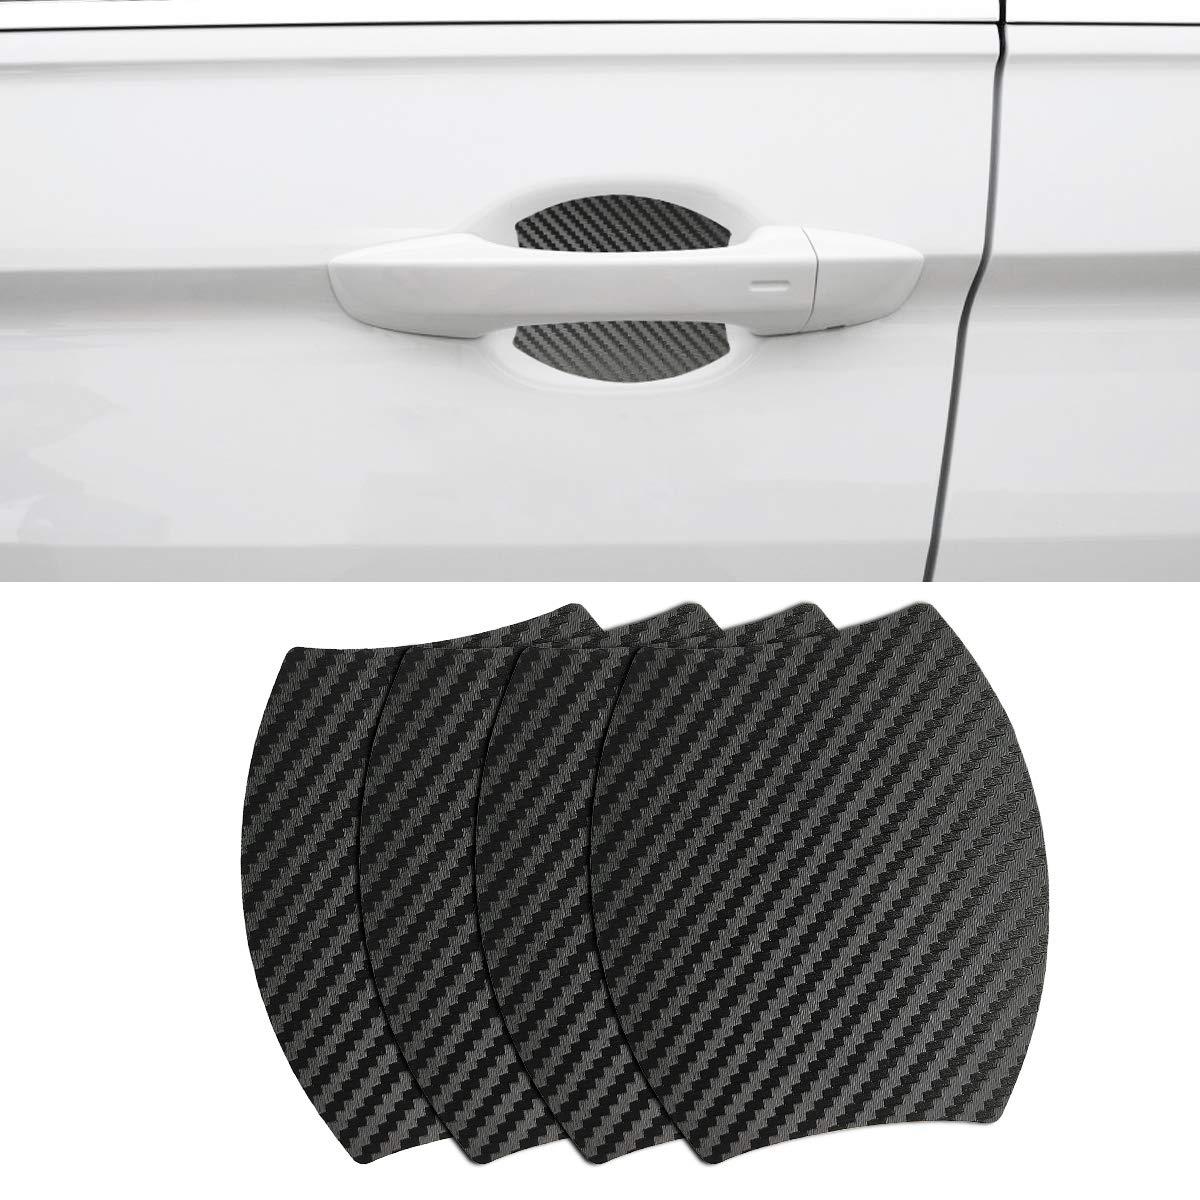 MLING 4 Pezzi Magnetico Auto Porta Maniglia Protettore Anti Graffio Protettive Adesivi Copertina per Tiguan 2017 2018